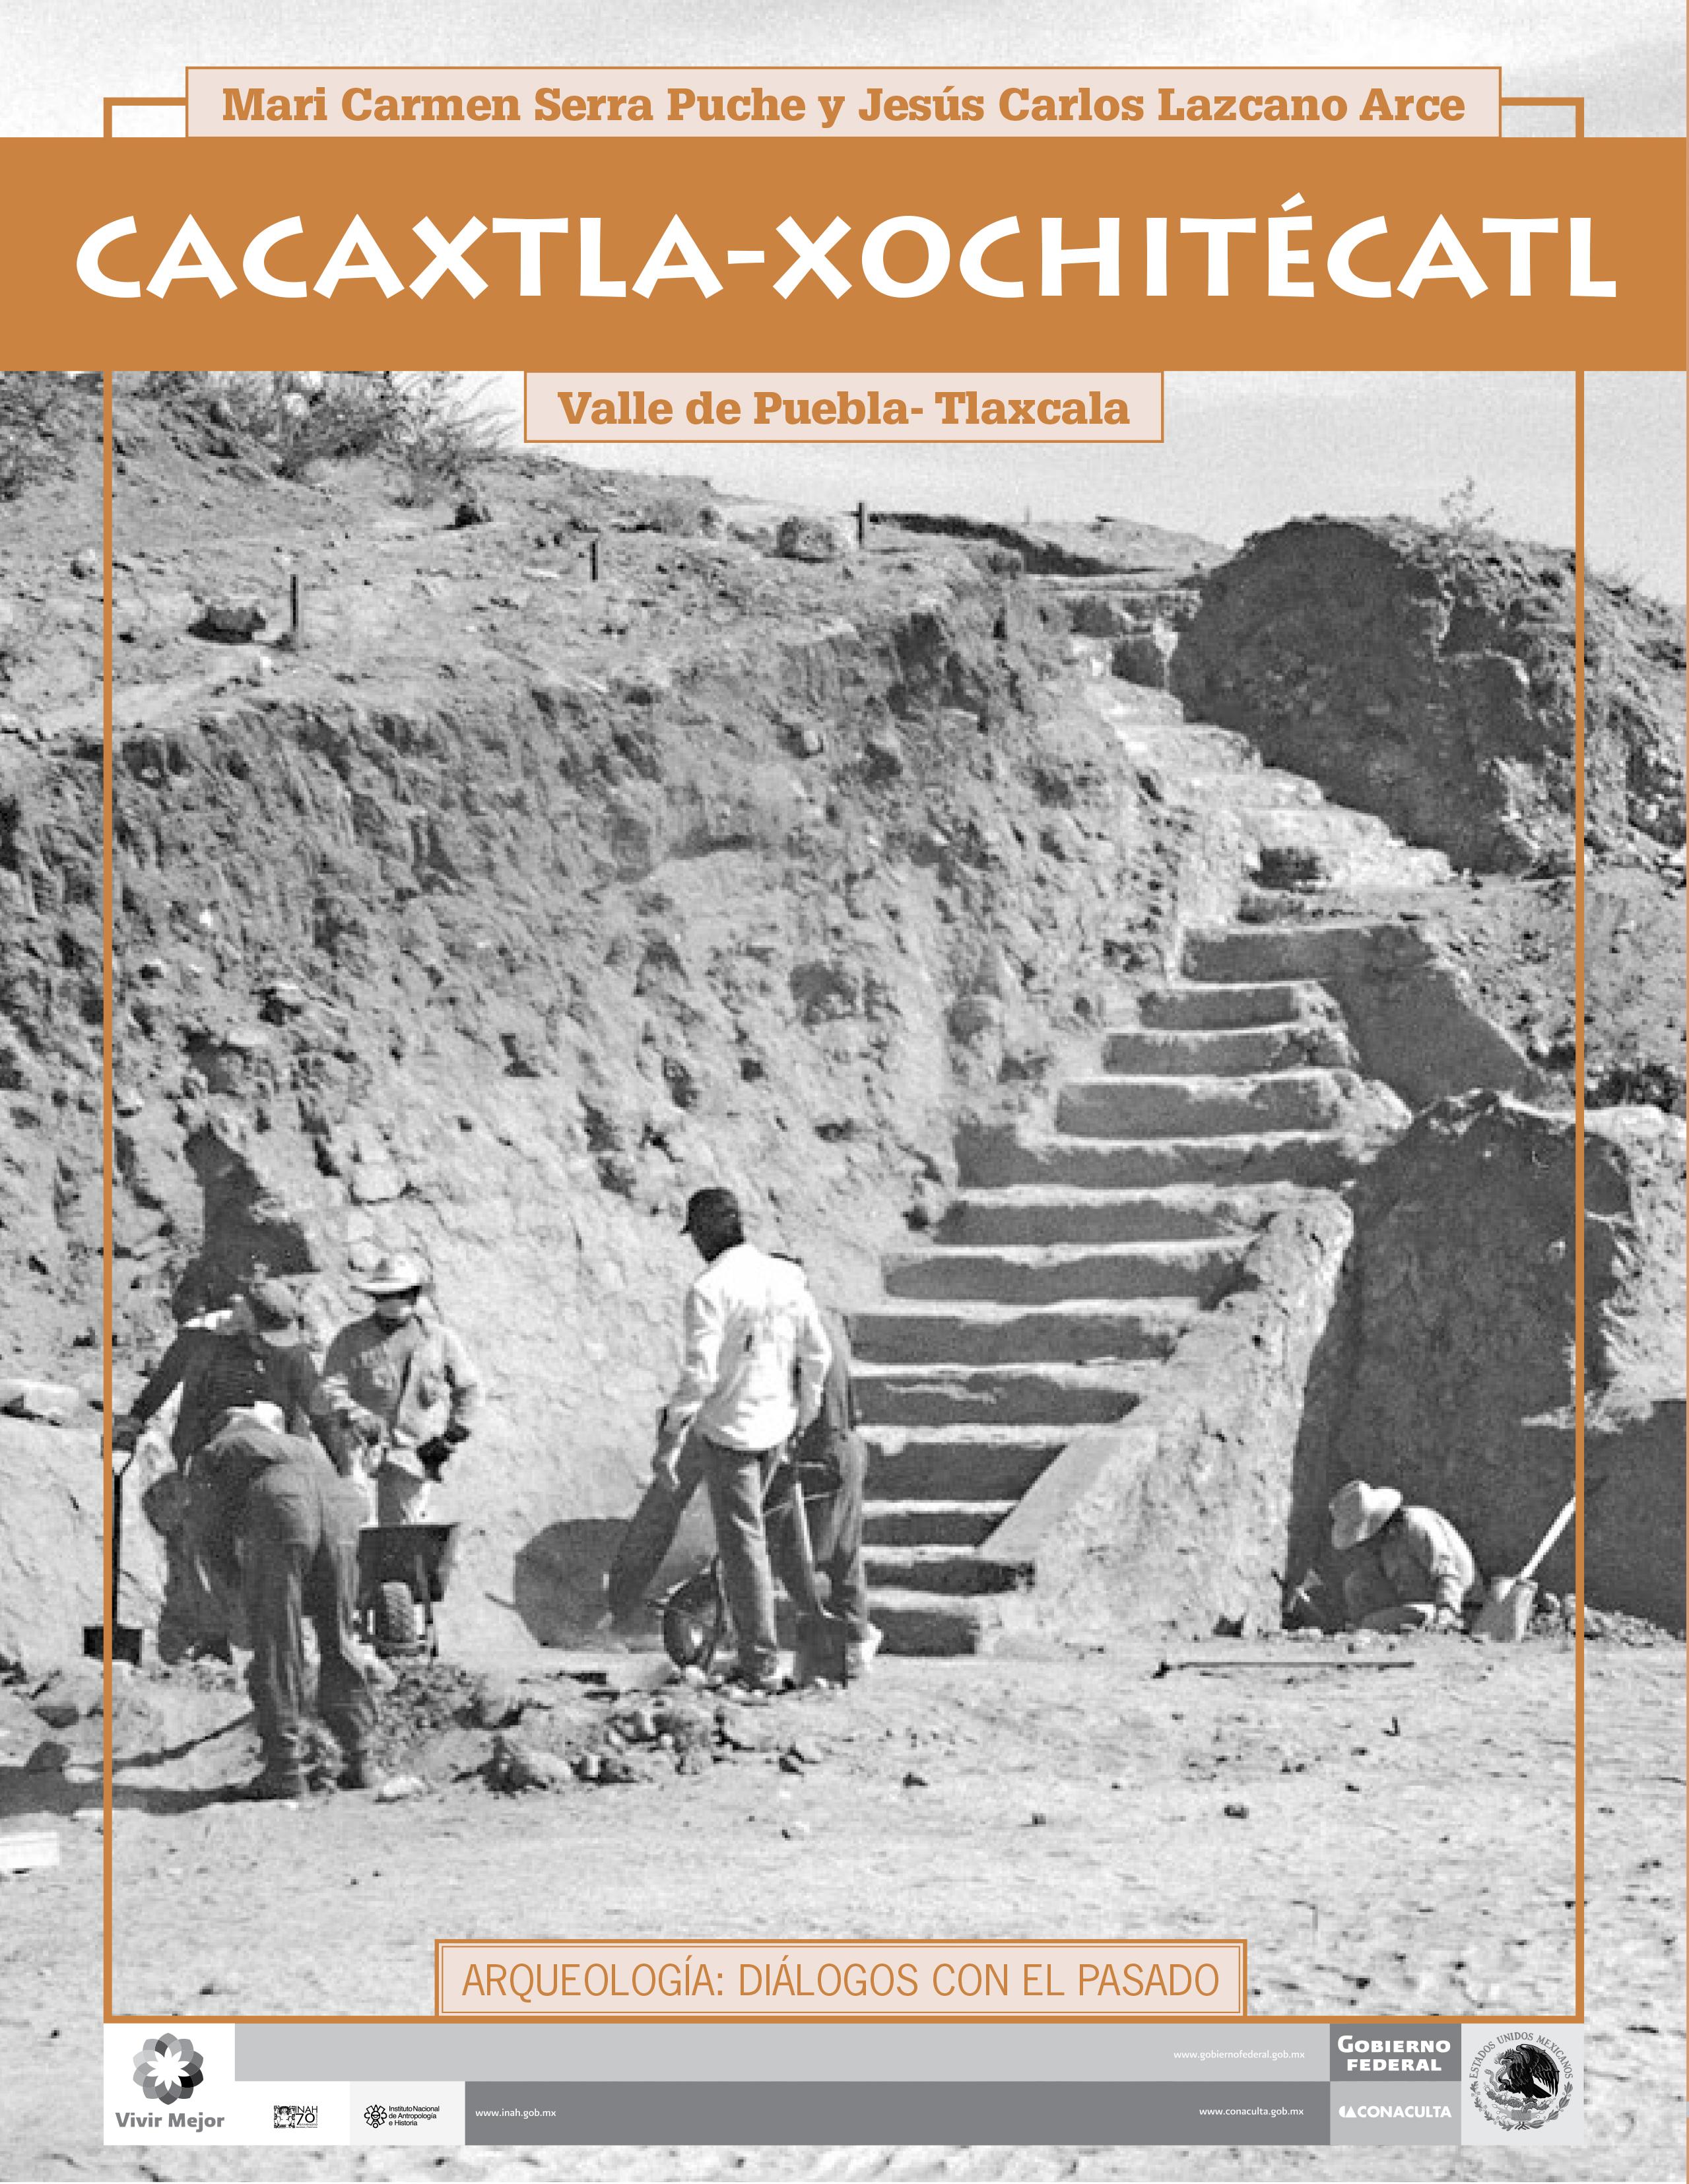 Cacaxtla – Xochitécatl